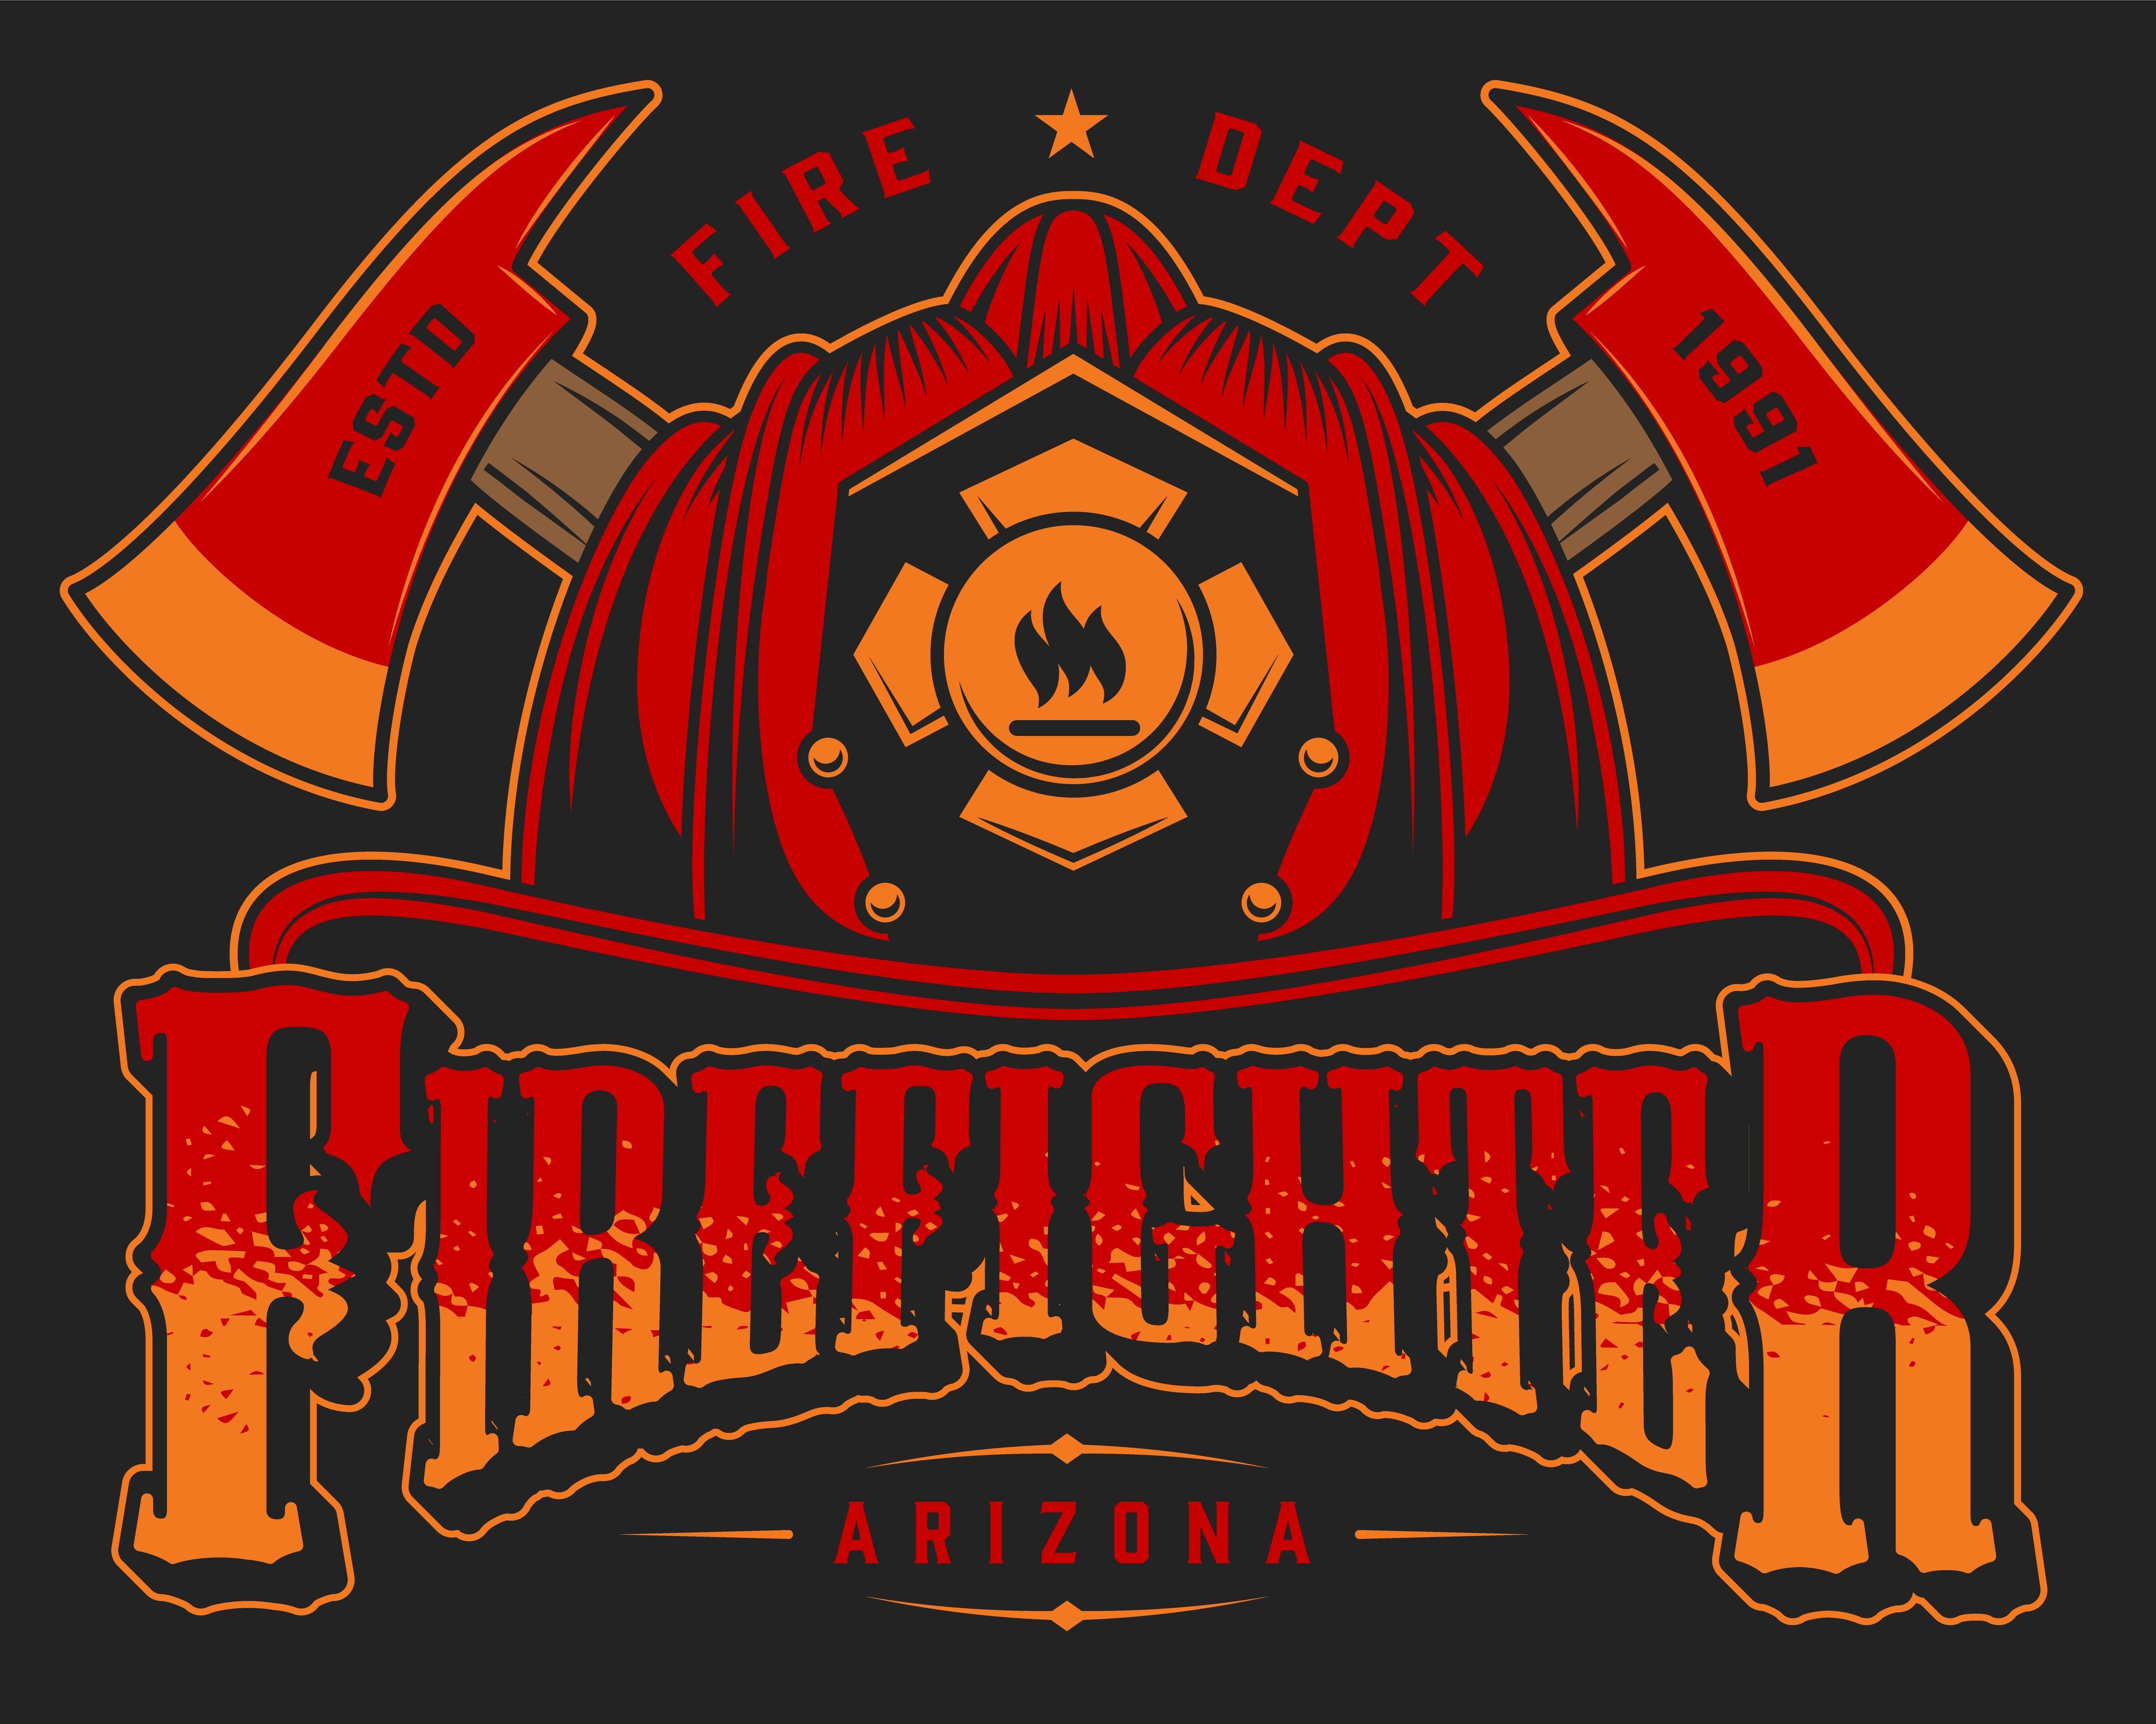 Vintage Firefighter Designs Set Firefighter, Badge